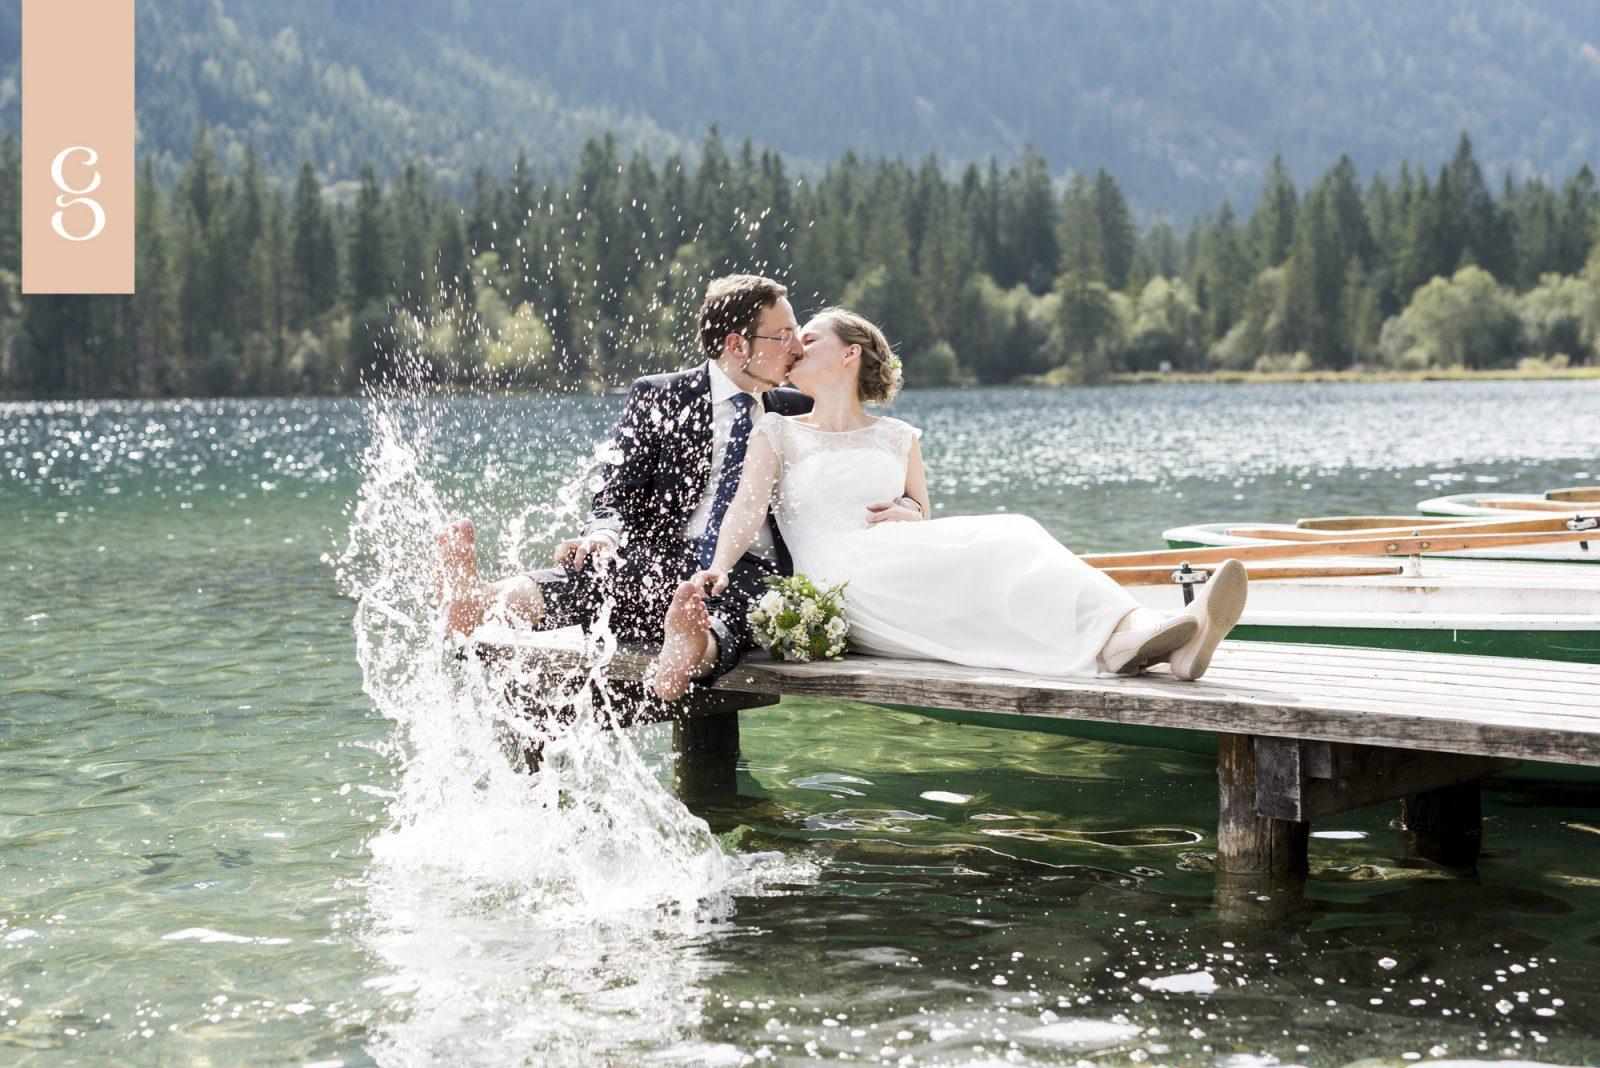 Fotograf_Goettges_Hochzeit_Wedding_Ramsau_Hintersee_Hirschbichl_Berchtesgaden_Hochzeitsfotograf-17